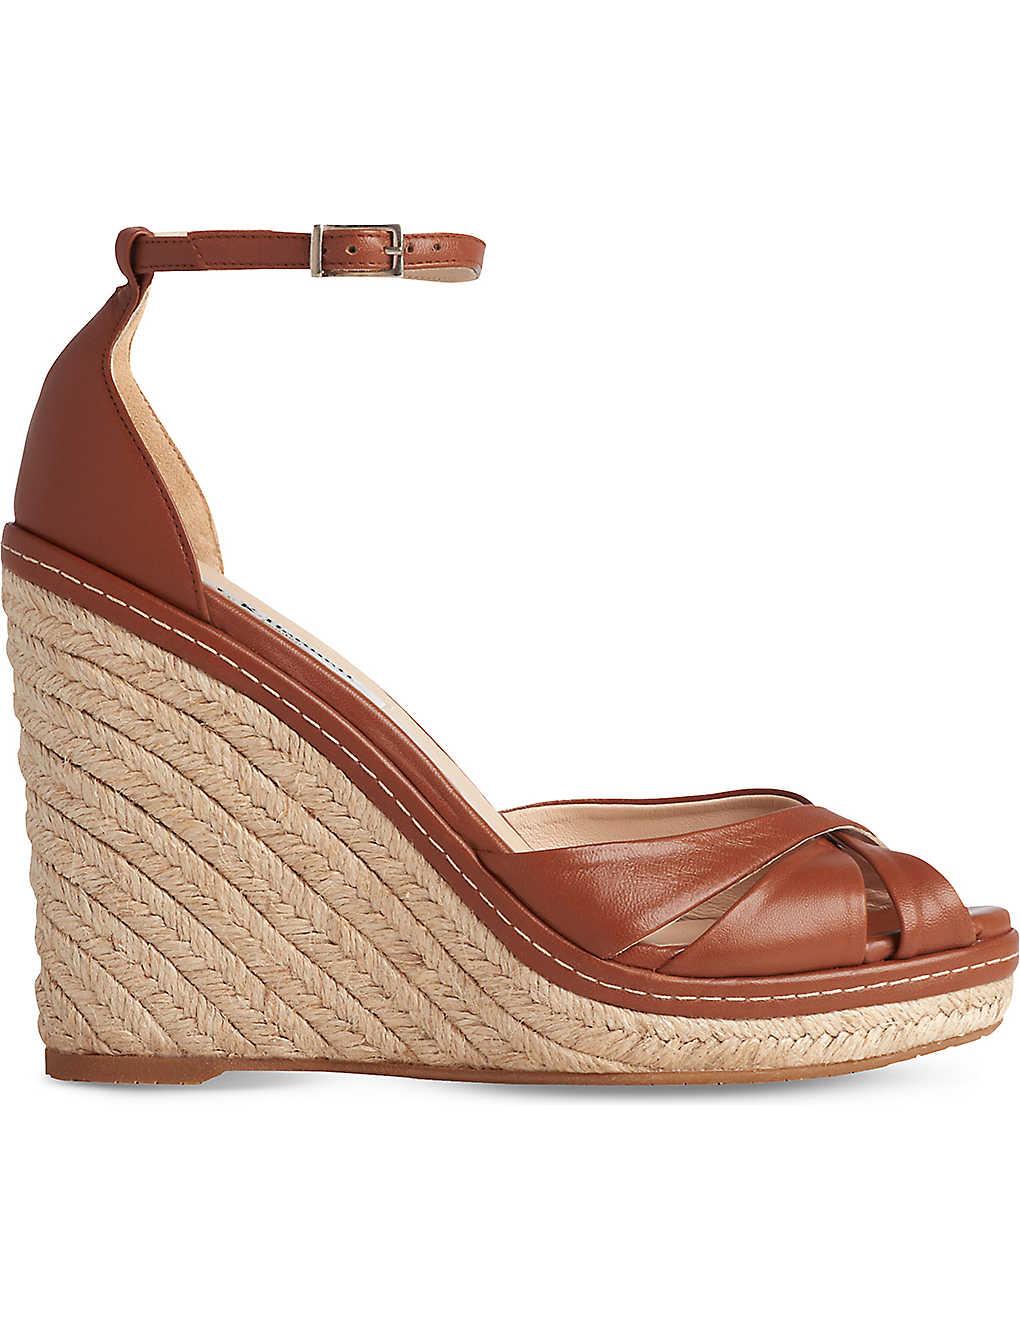 65b487642ef LK BENNETT - Litya denim wedge sandals